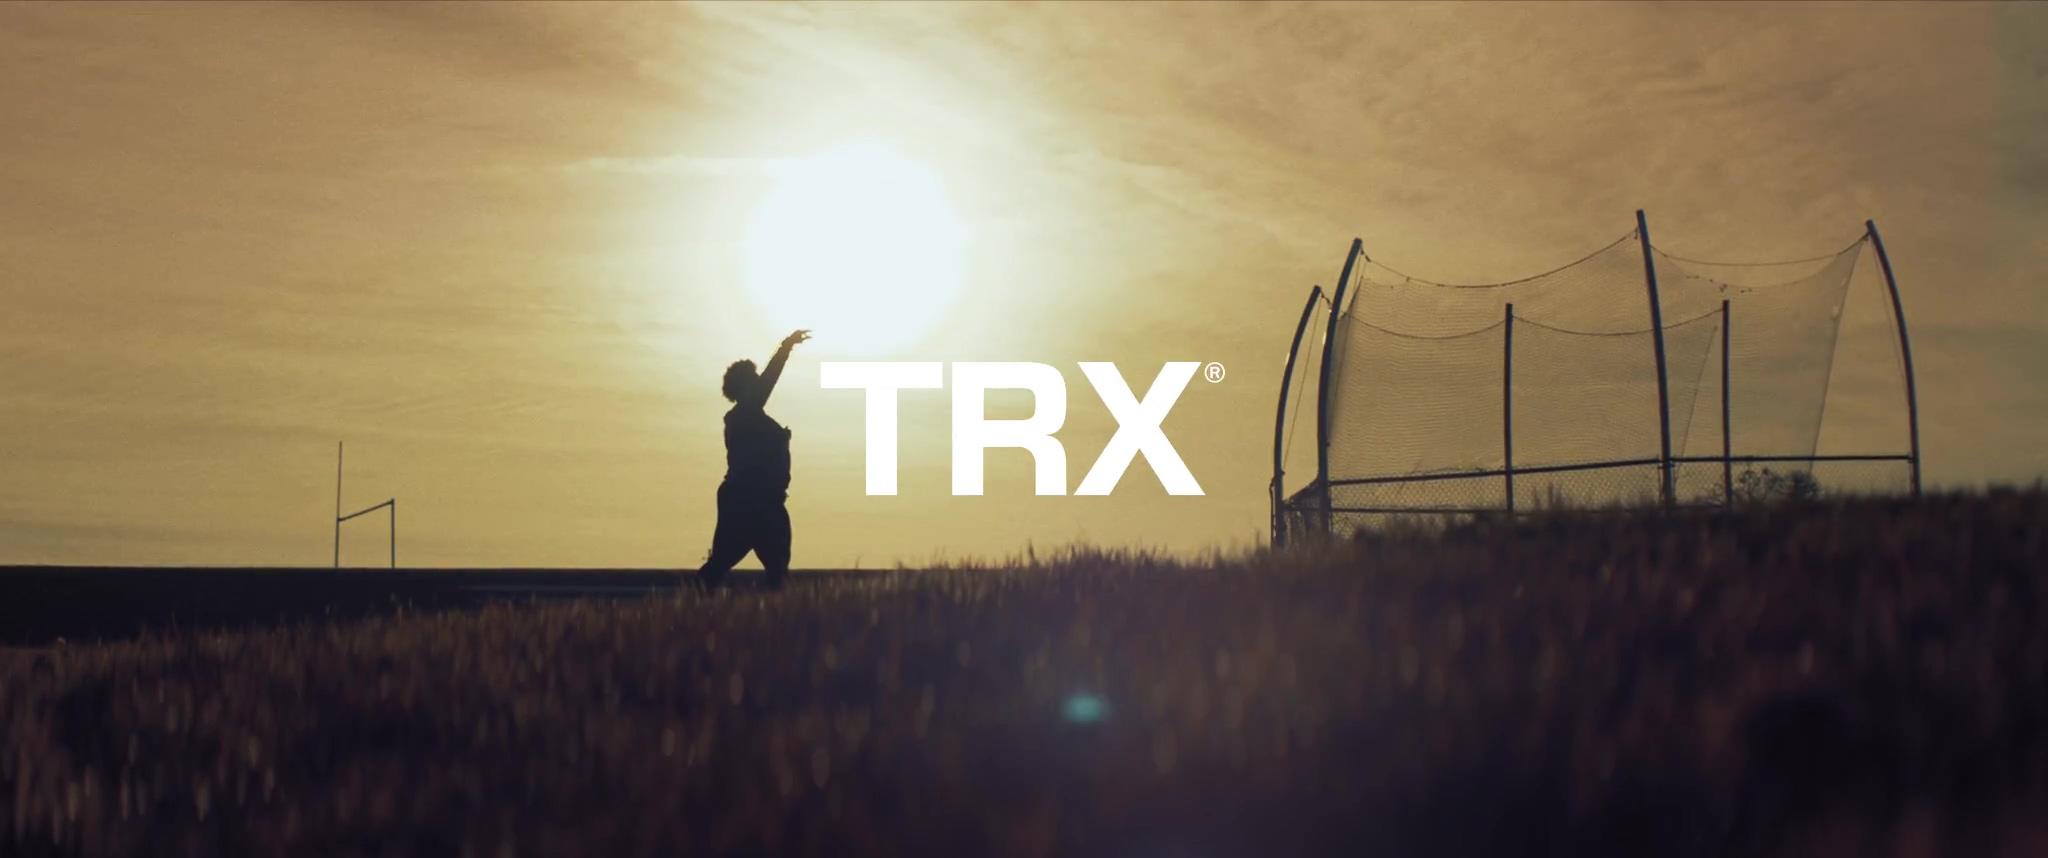 293_TRX_2021BrandCampaign_60sFilm_V21.5_FINAL_OnlineAudio_2048x858_SUBTITLES